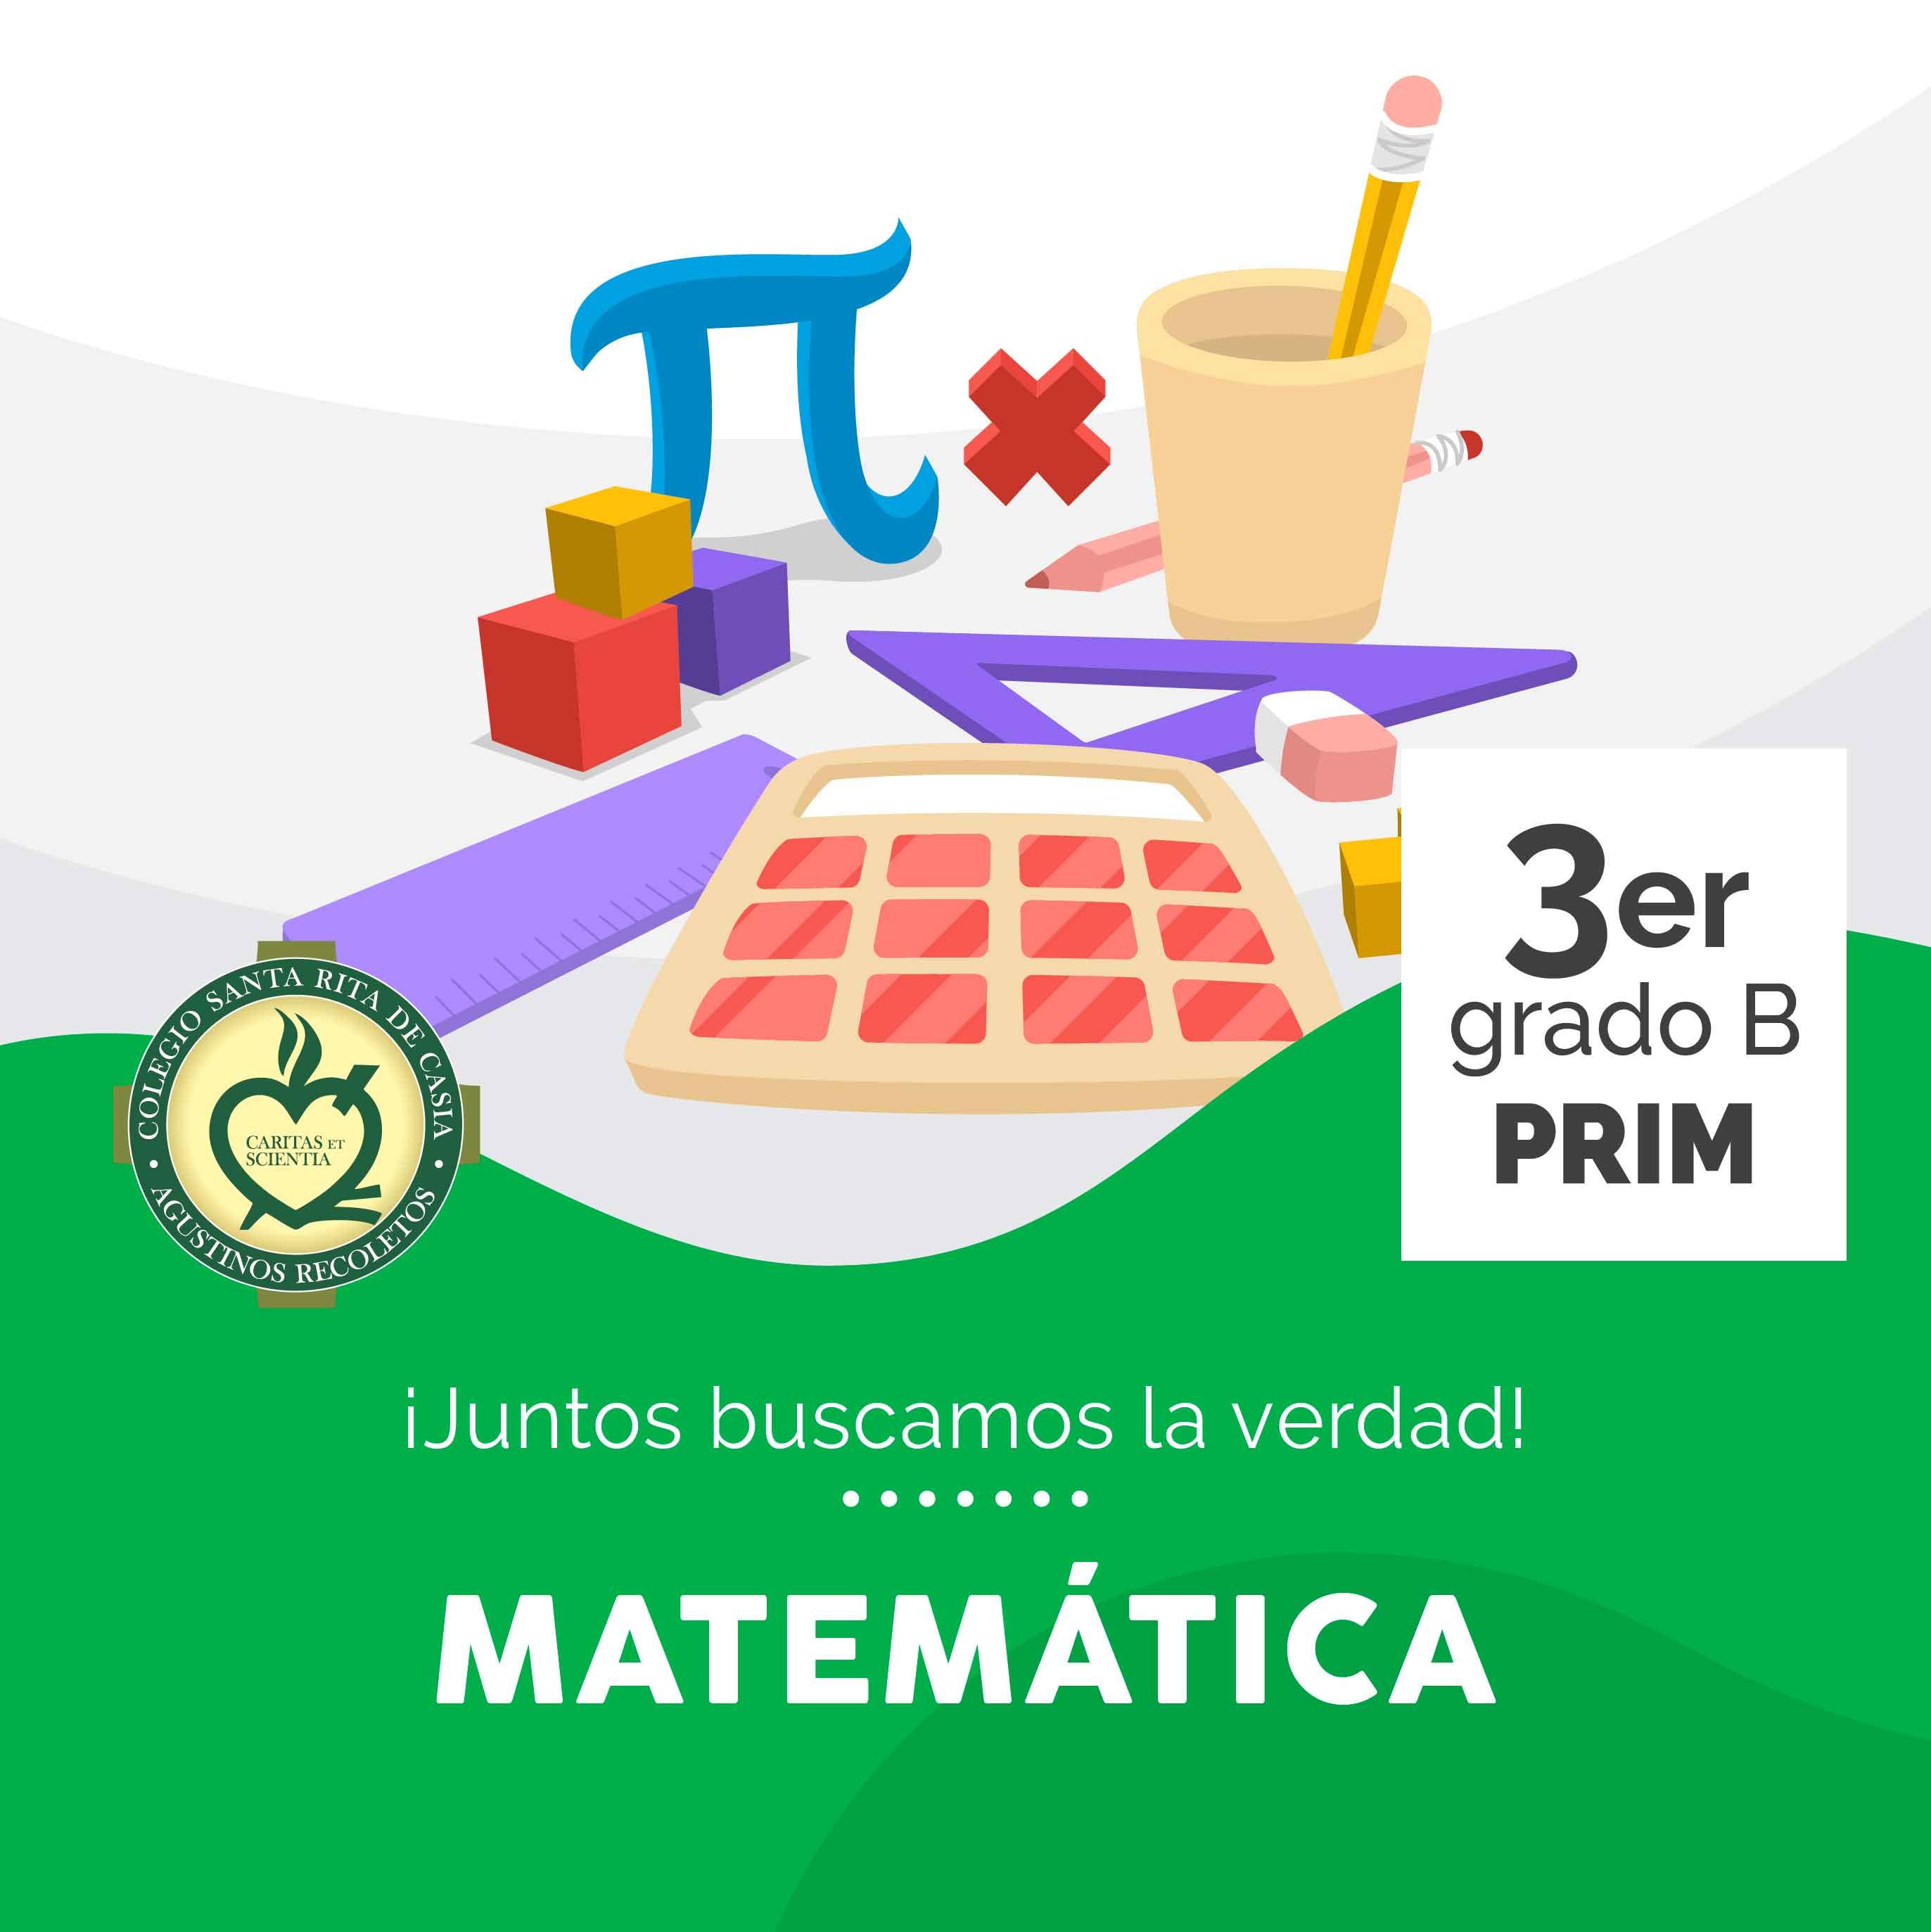 Matemática 3er Grado B